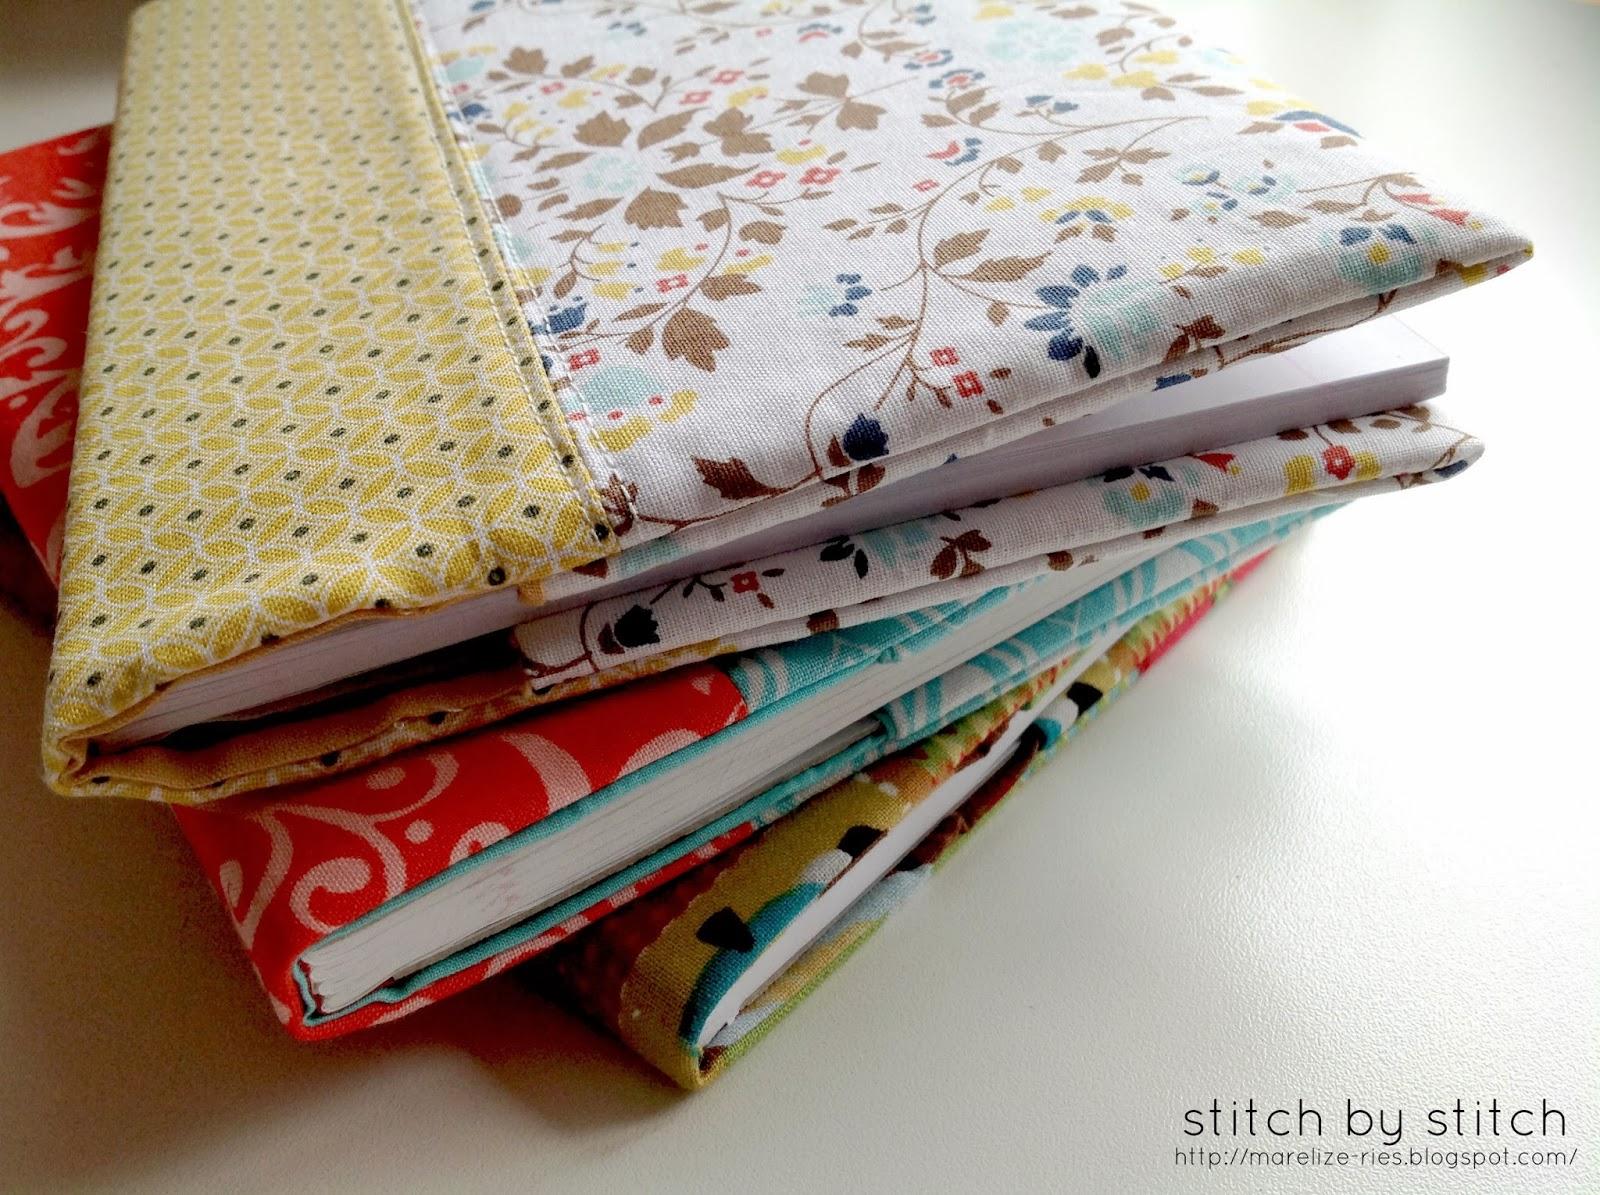 Текстильная обложка на блокнот своими руками